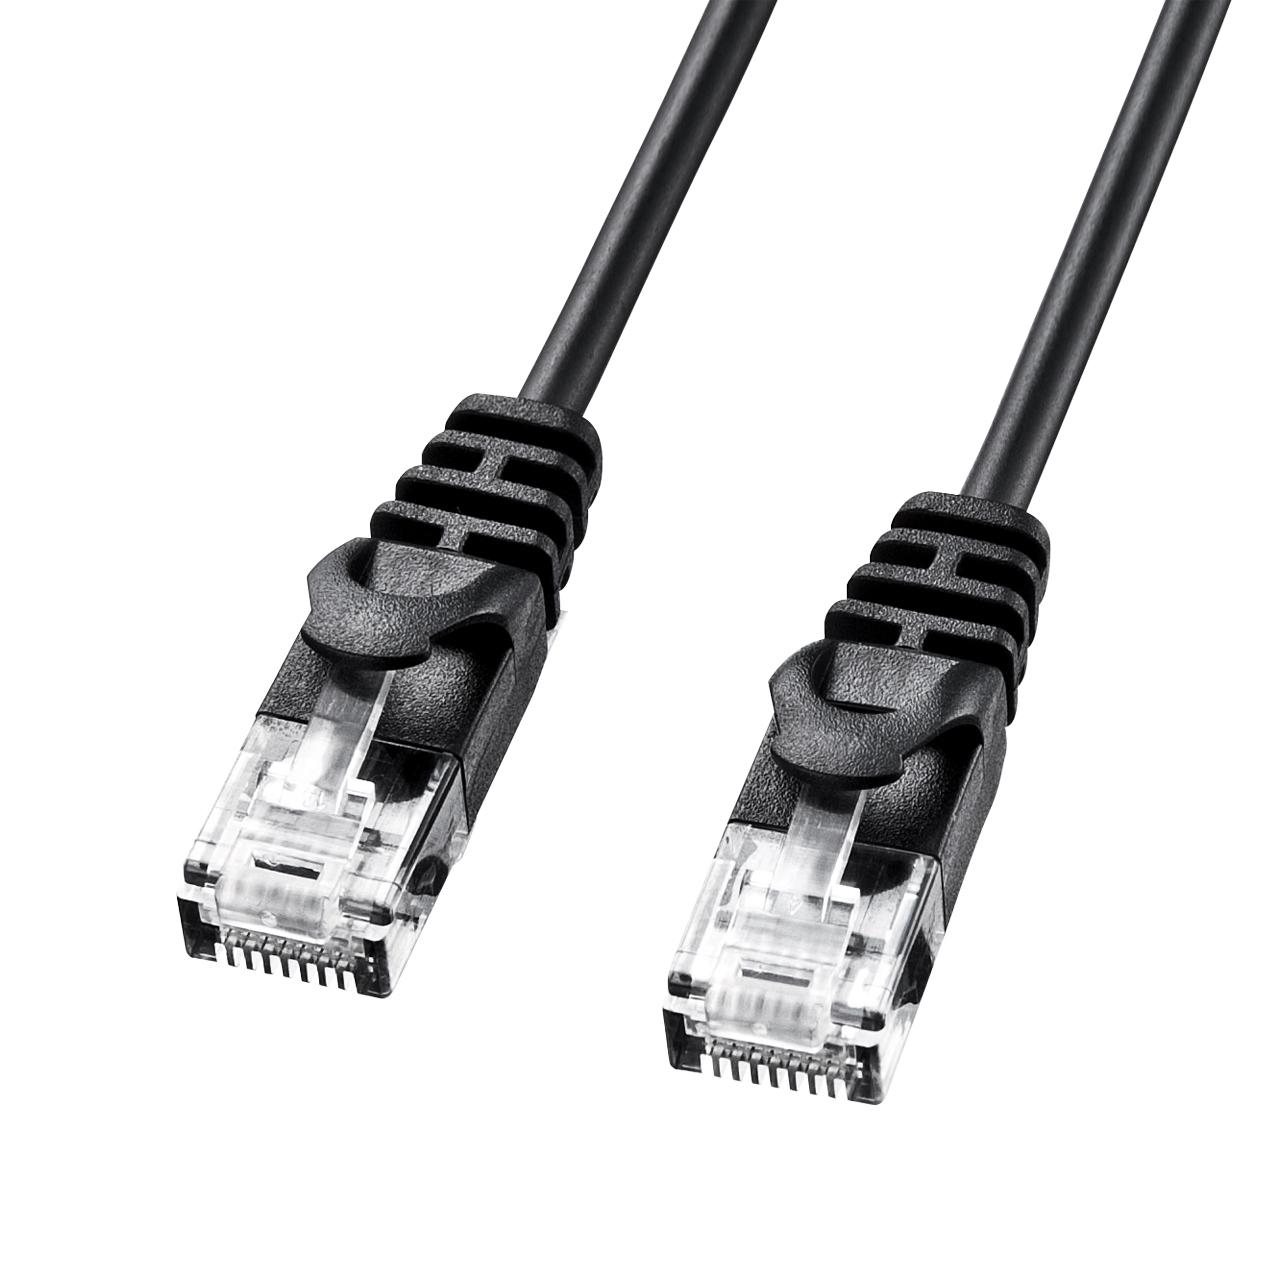 山业SANWA CAT6网线 千兆六类网线 高速稳定纤细柔软易布线